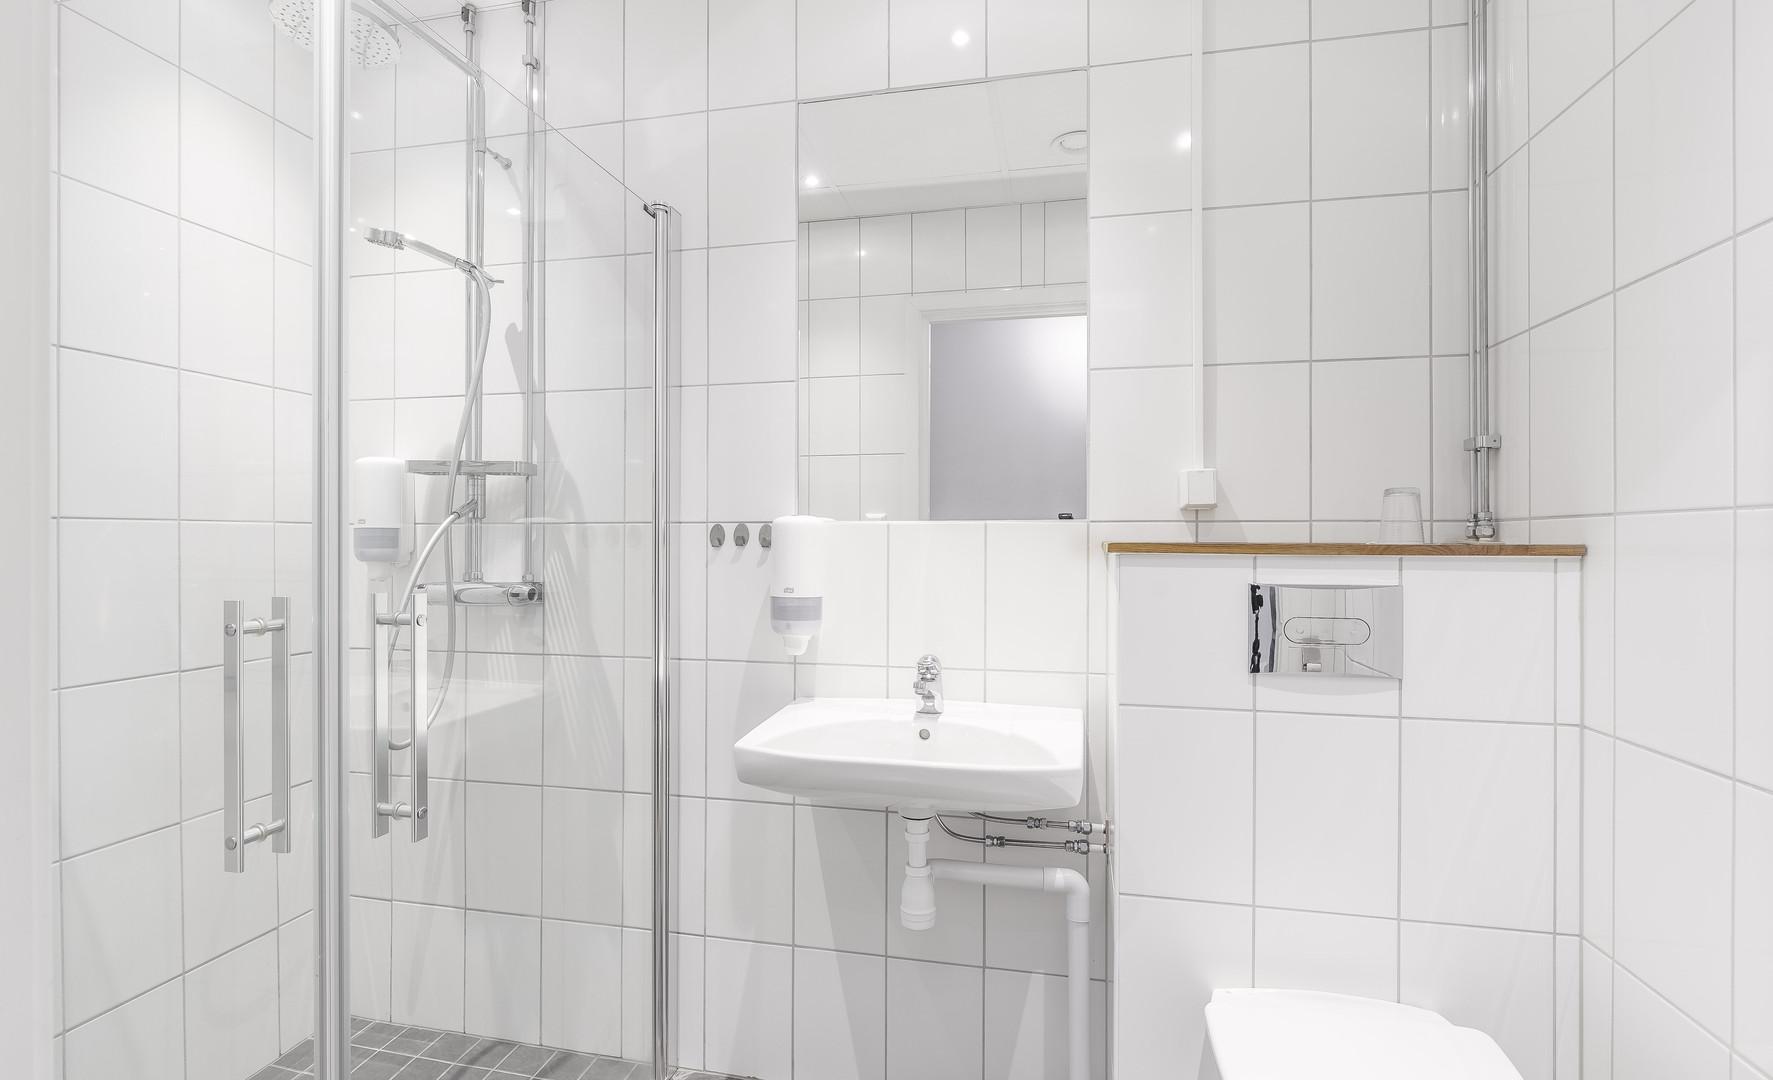 Enkelrum , dusch och toalett